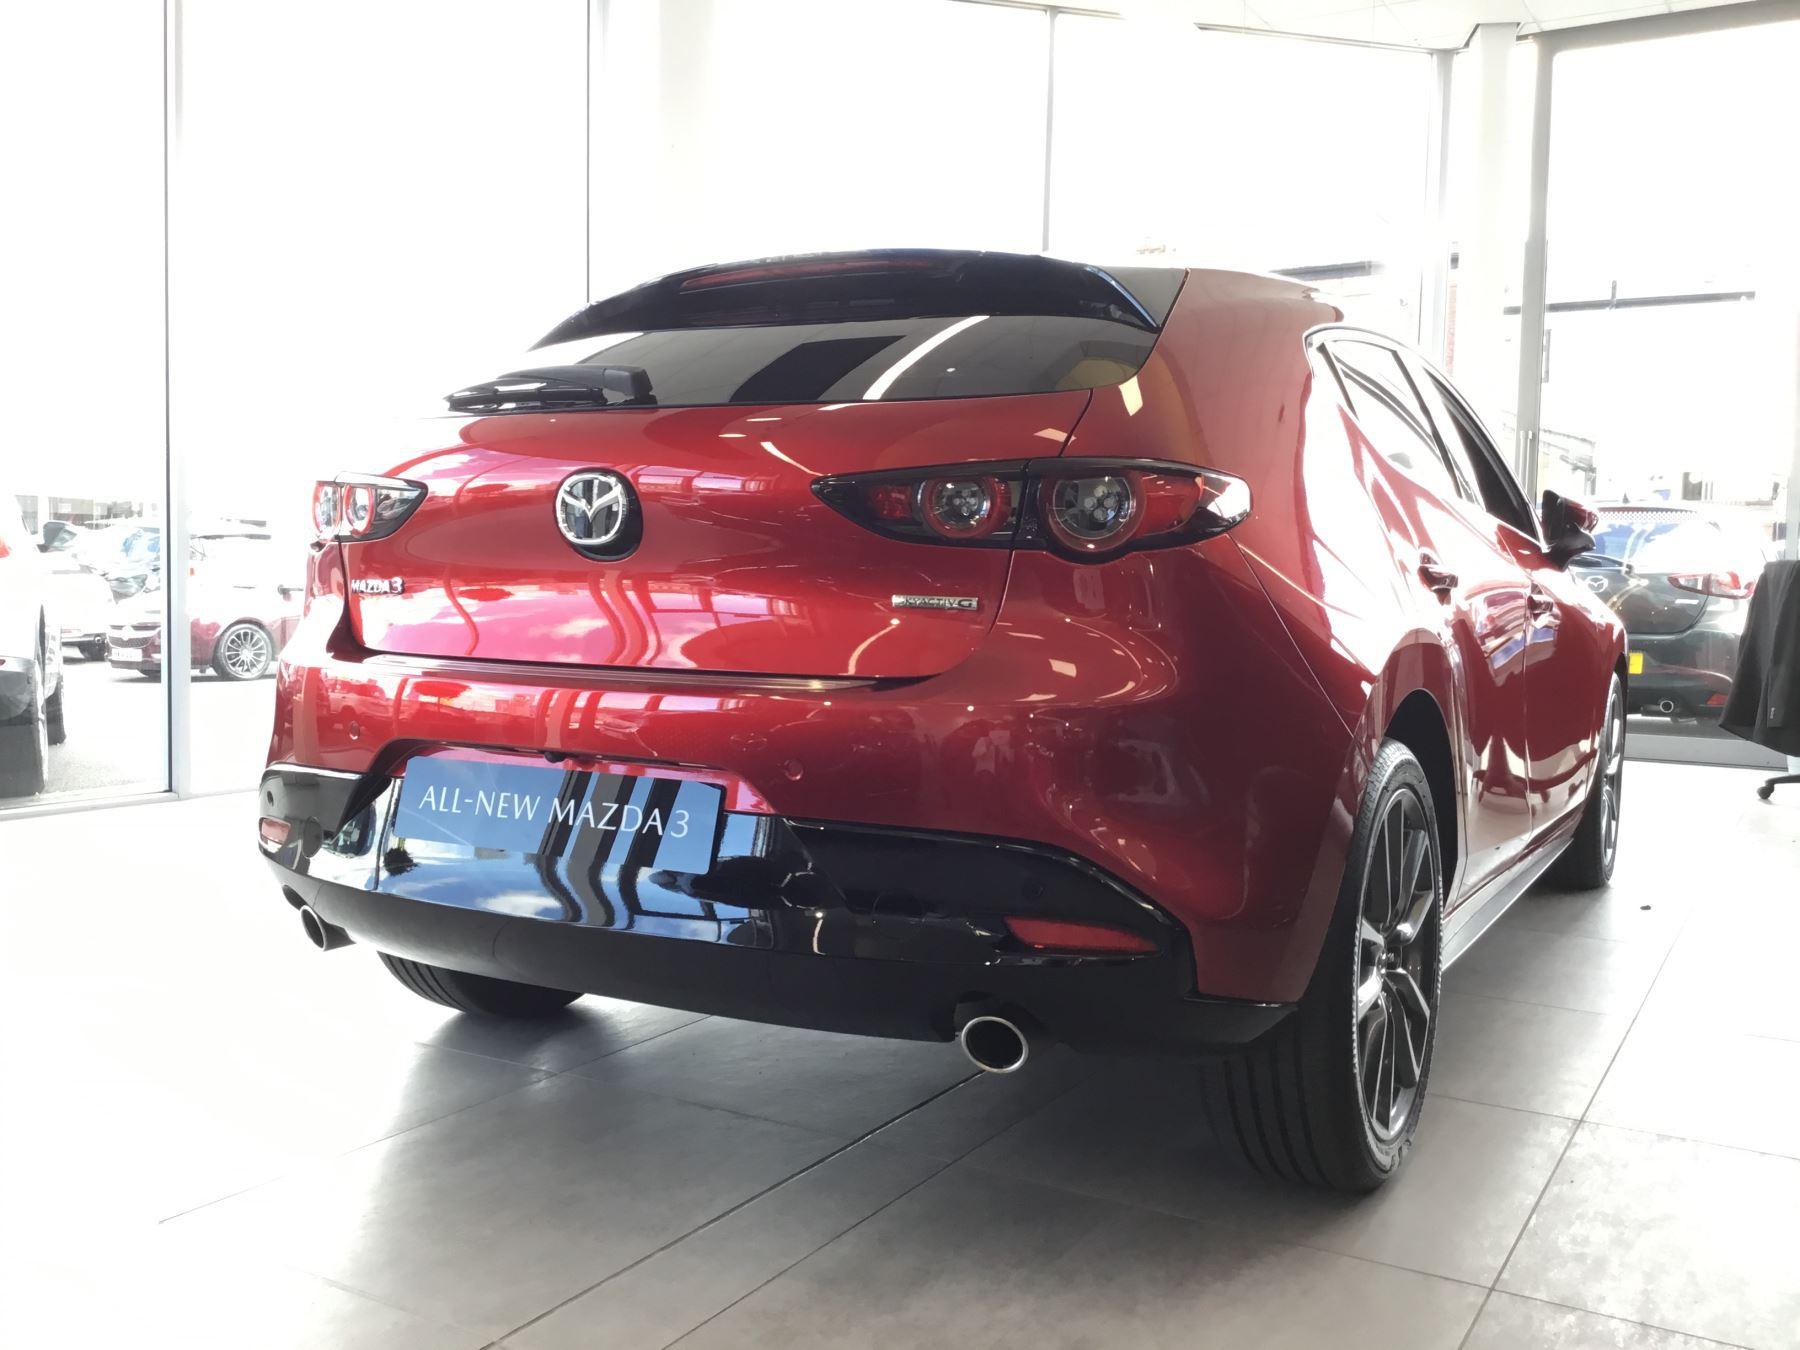 Mazda 3 2.0 GT Sport 5dr image 8